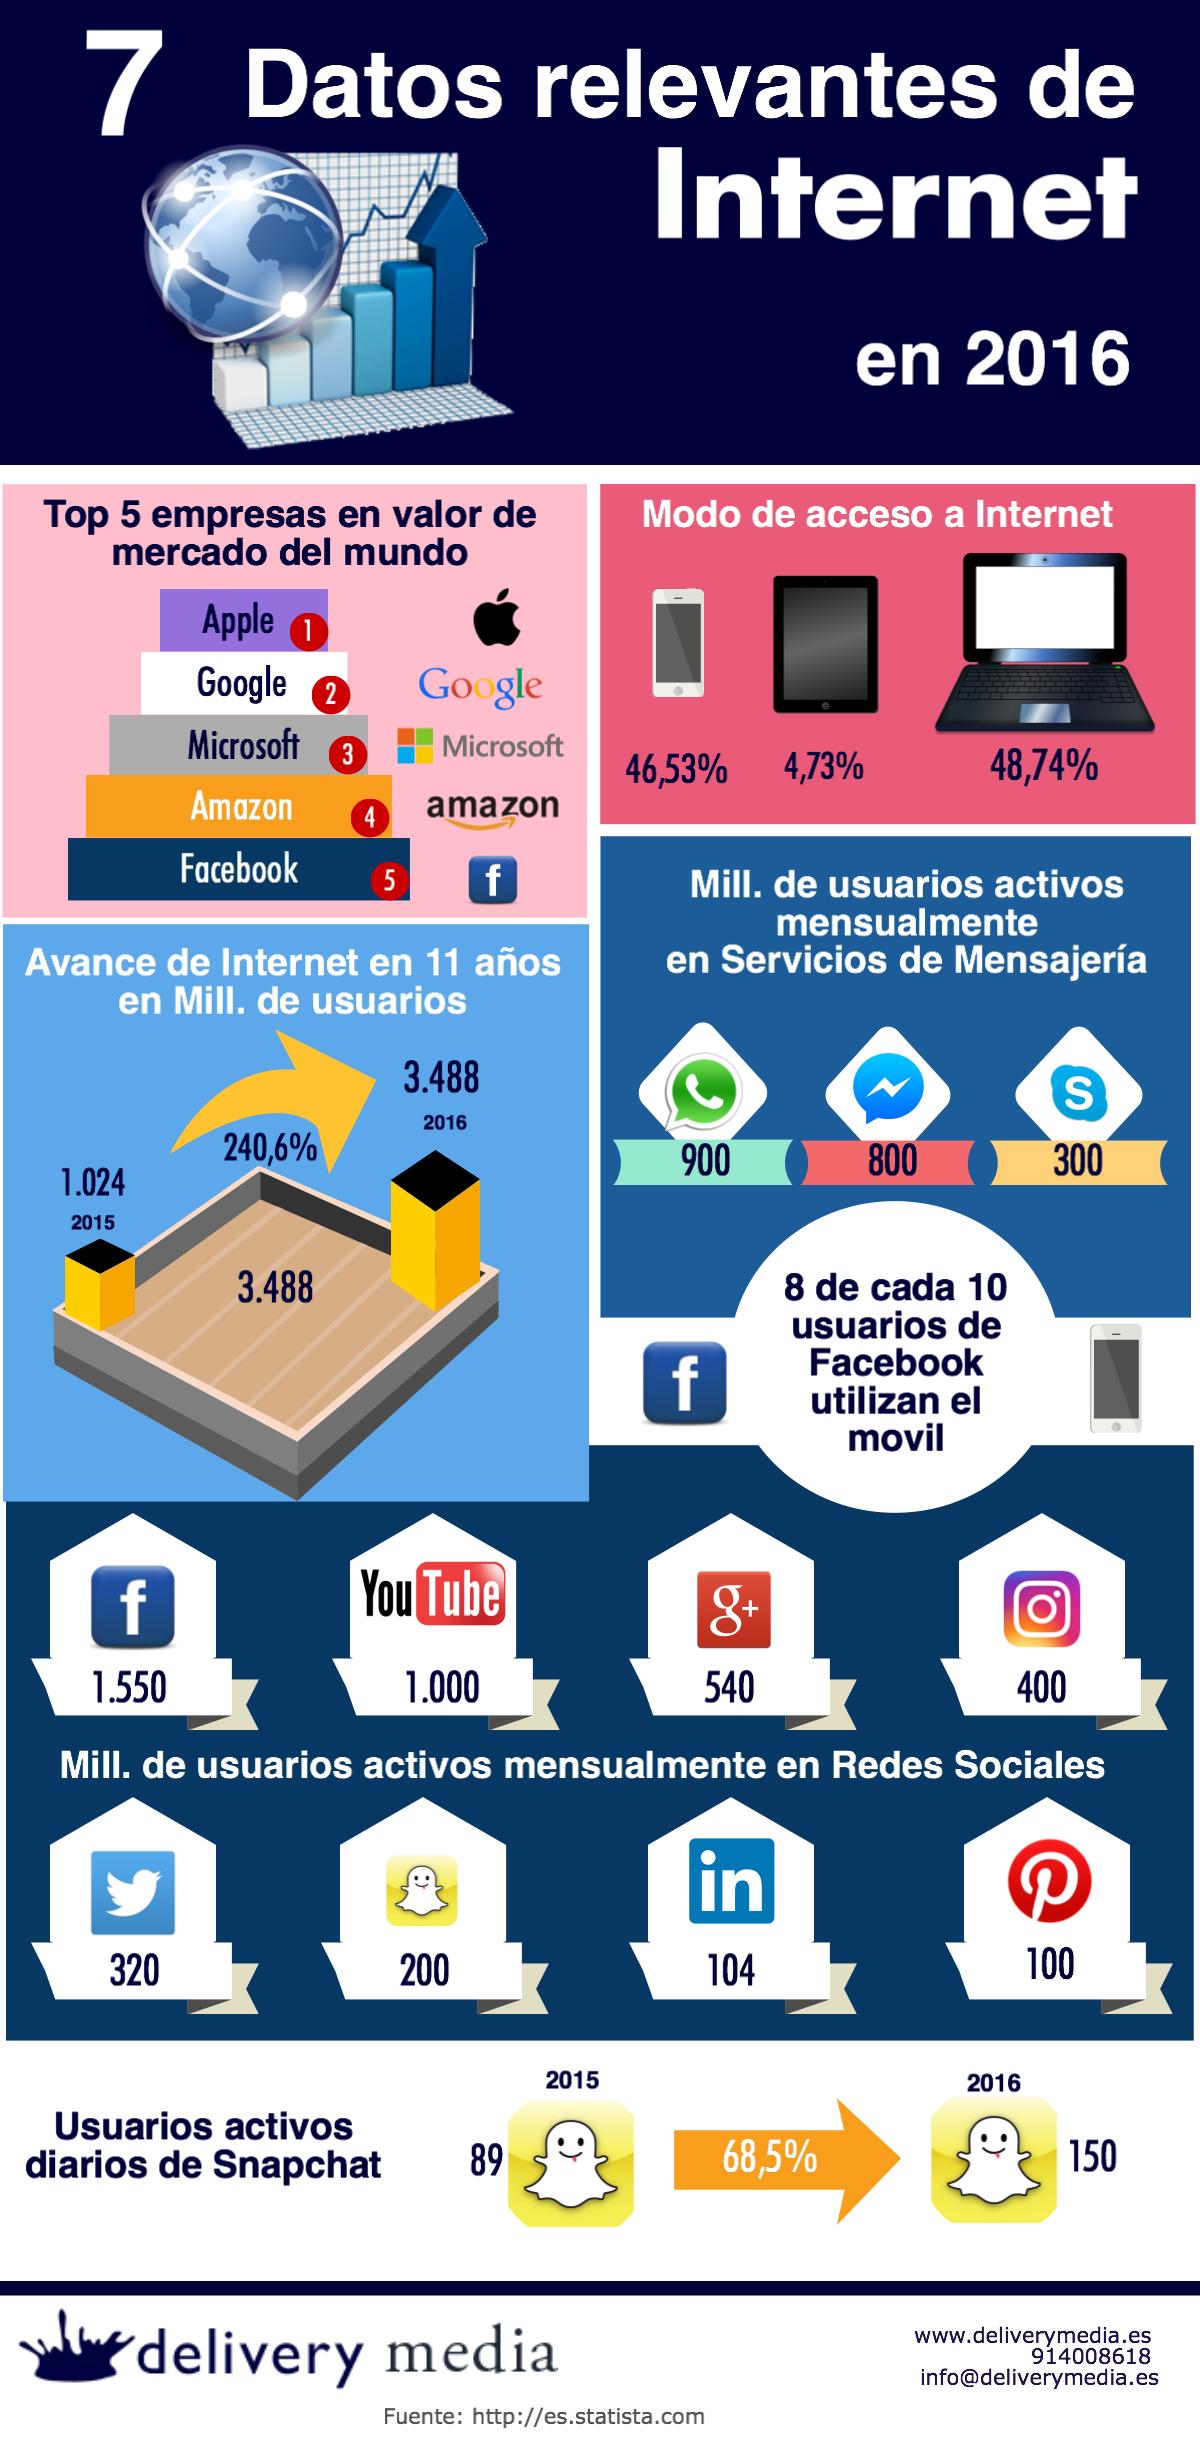 7 datos relevantes de Internet (y Medios Sociales) en 2016 #infografia #socialmedia